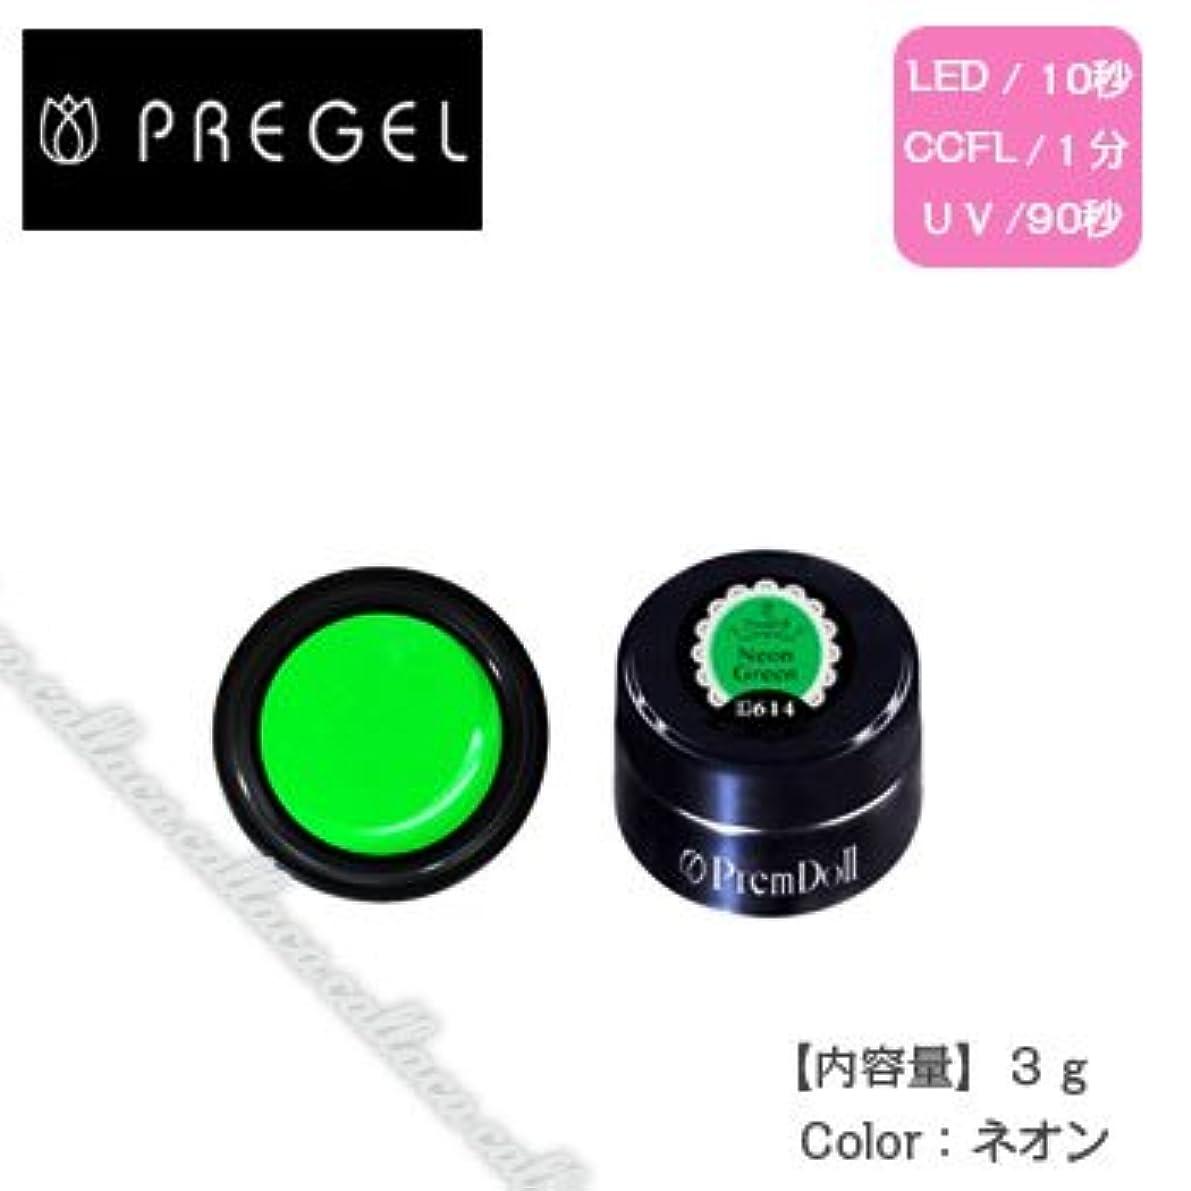 避ける怖がらせるアジア人PREGEL プリジェル プリムドール DOLL-614 ネオングリーン 3g